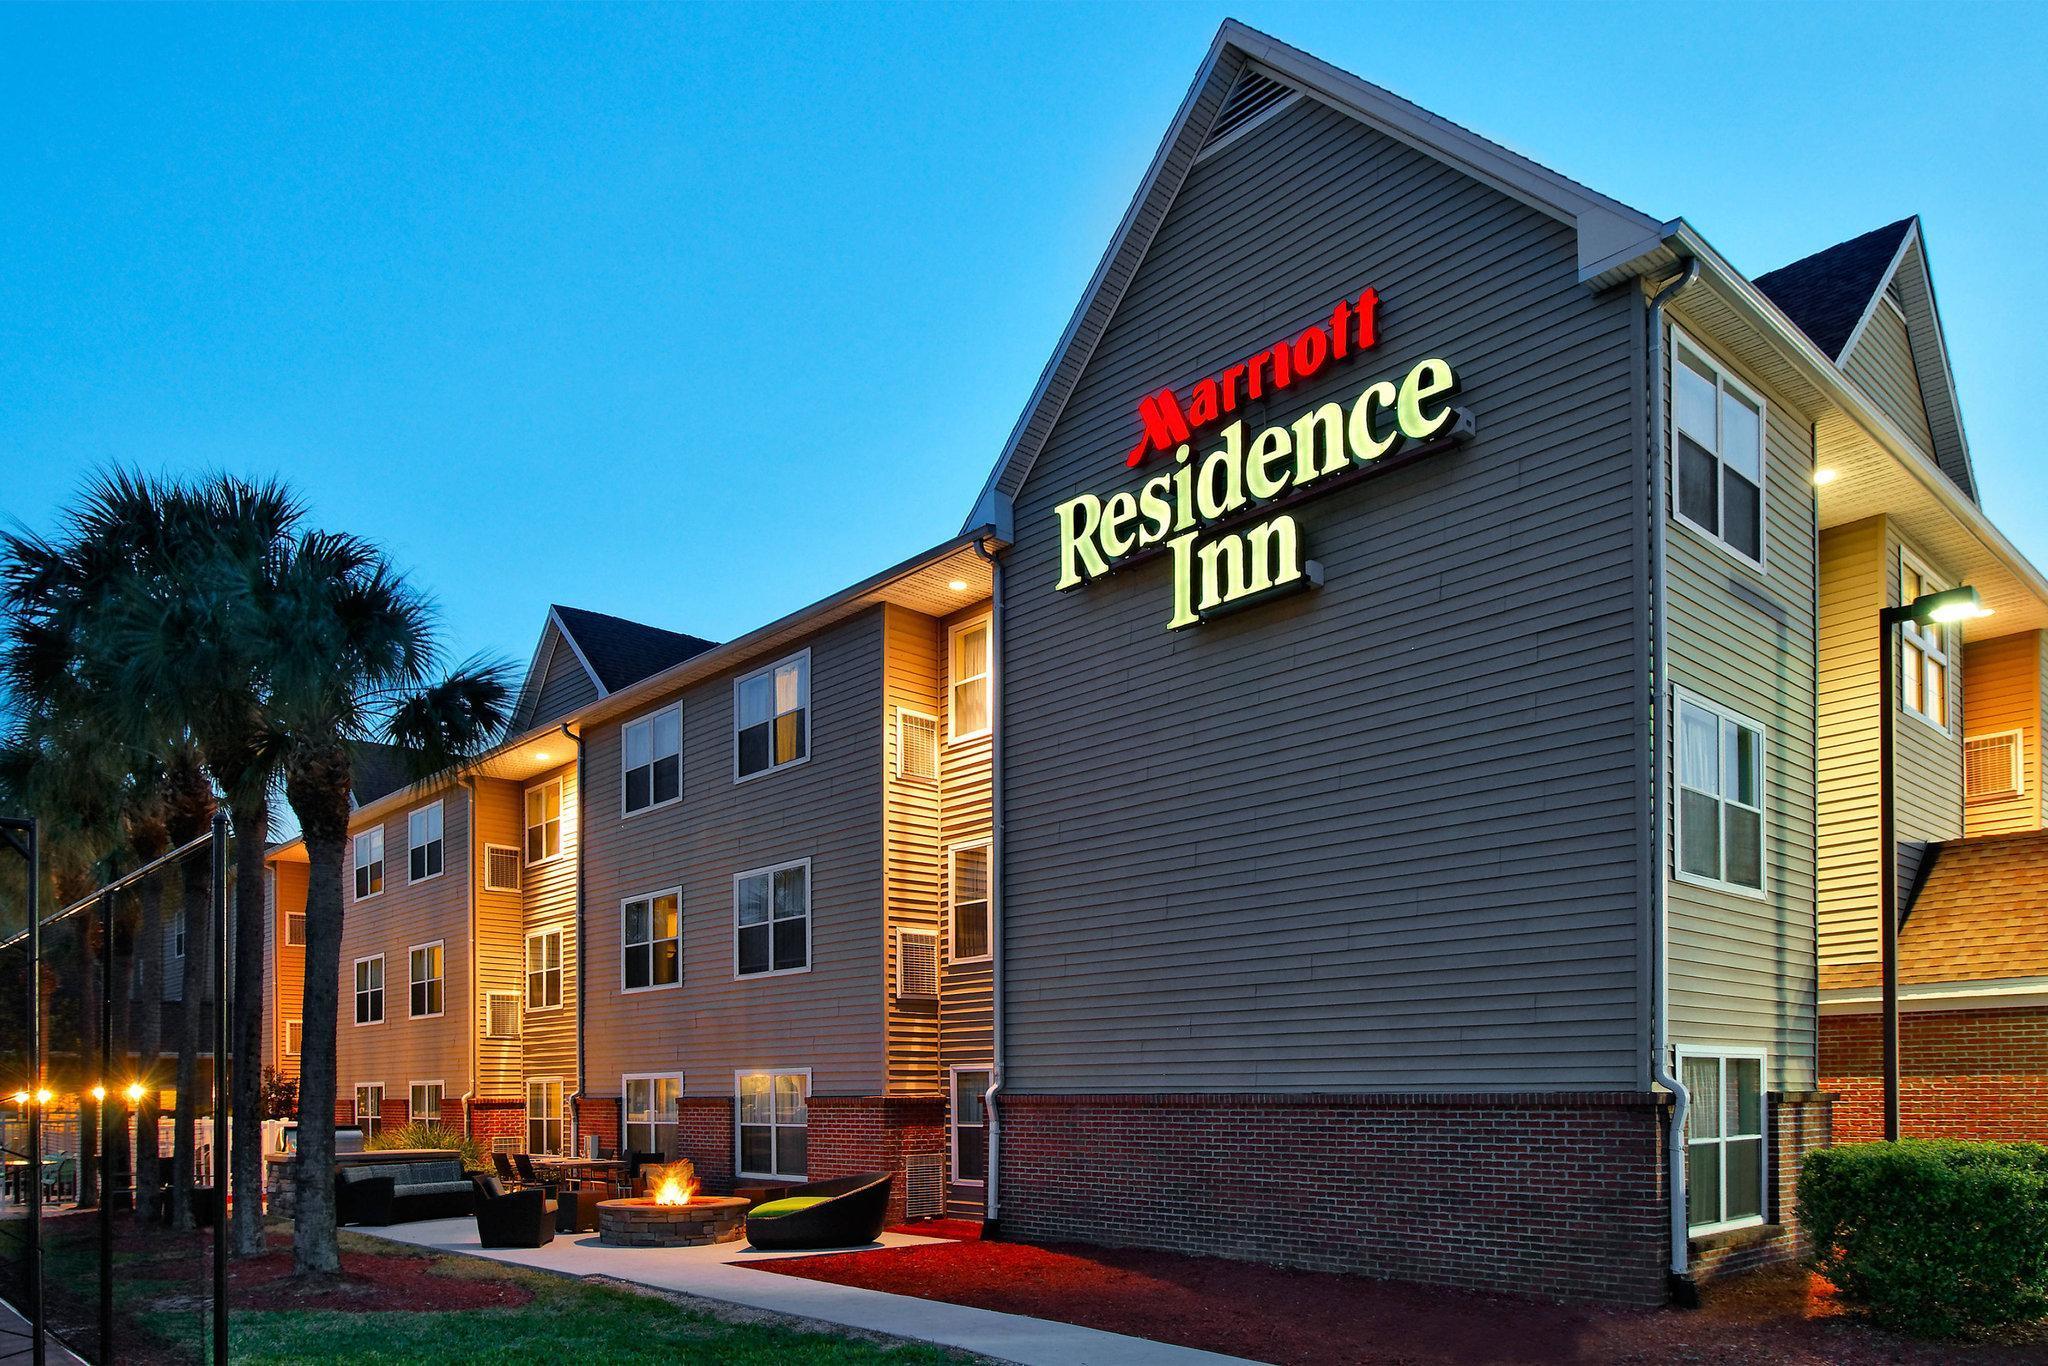 Residence Inn Fort Myers Fort Myers (FL) United States